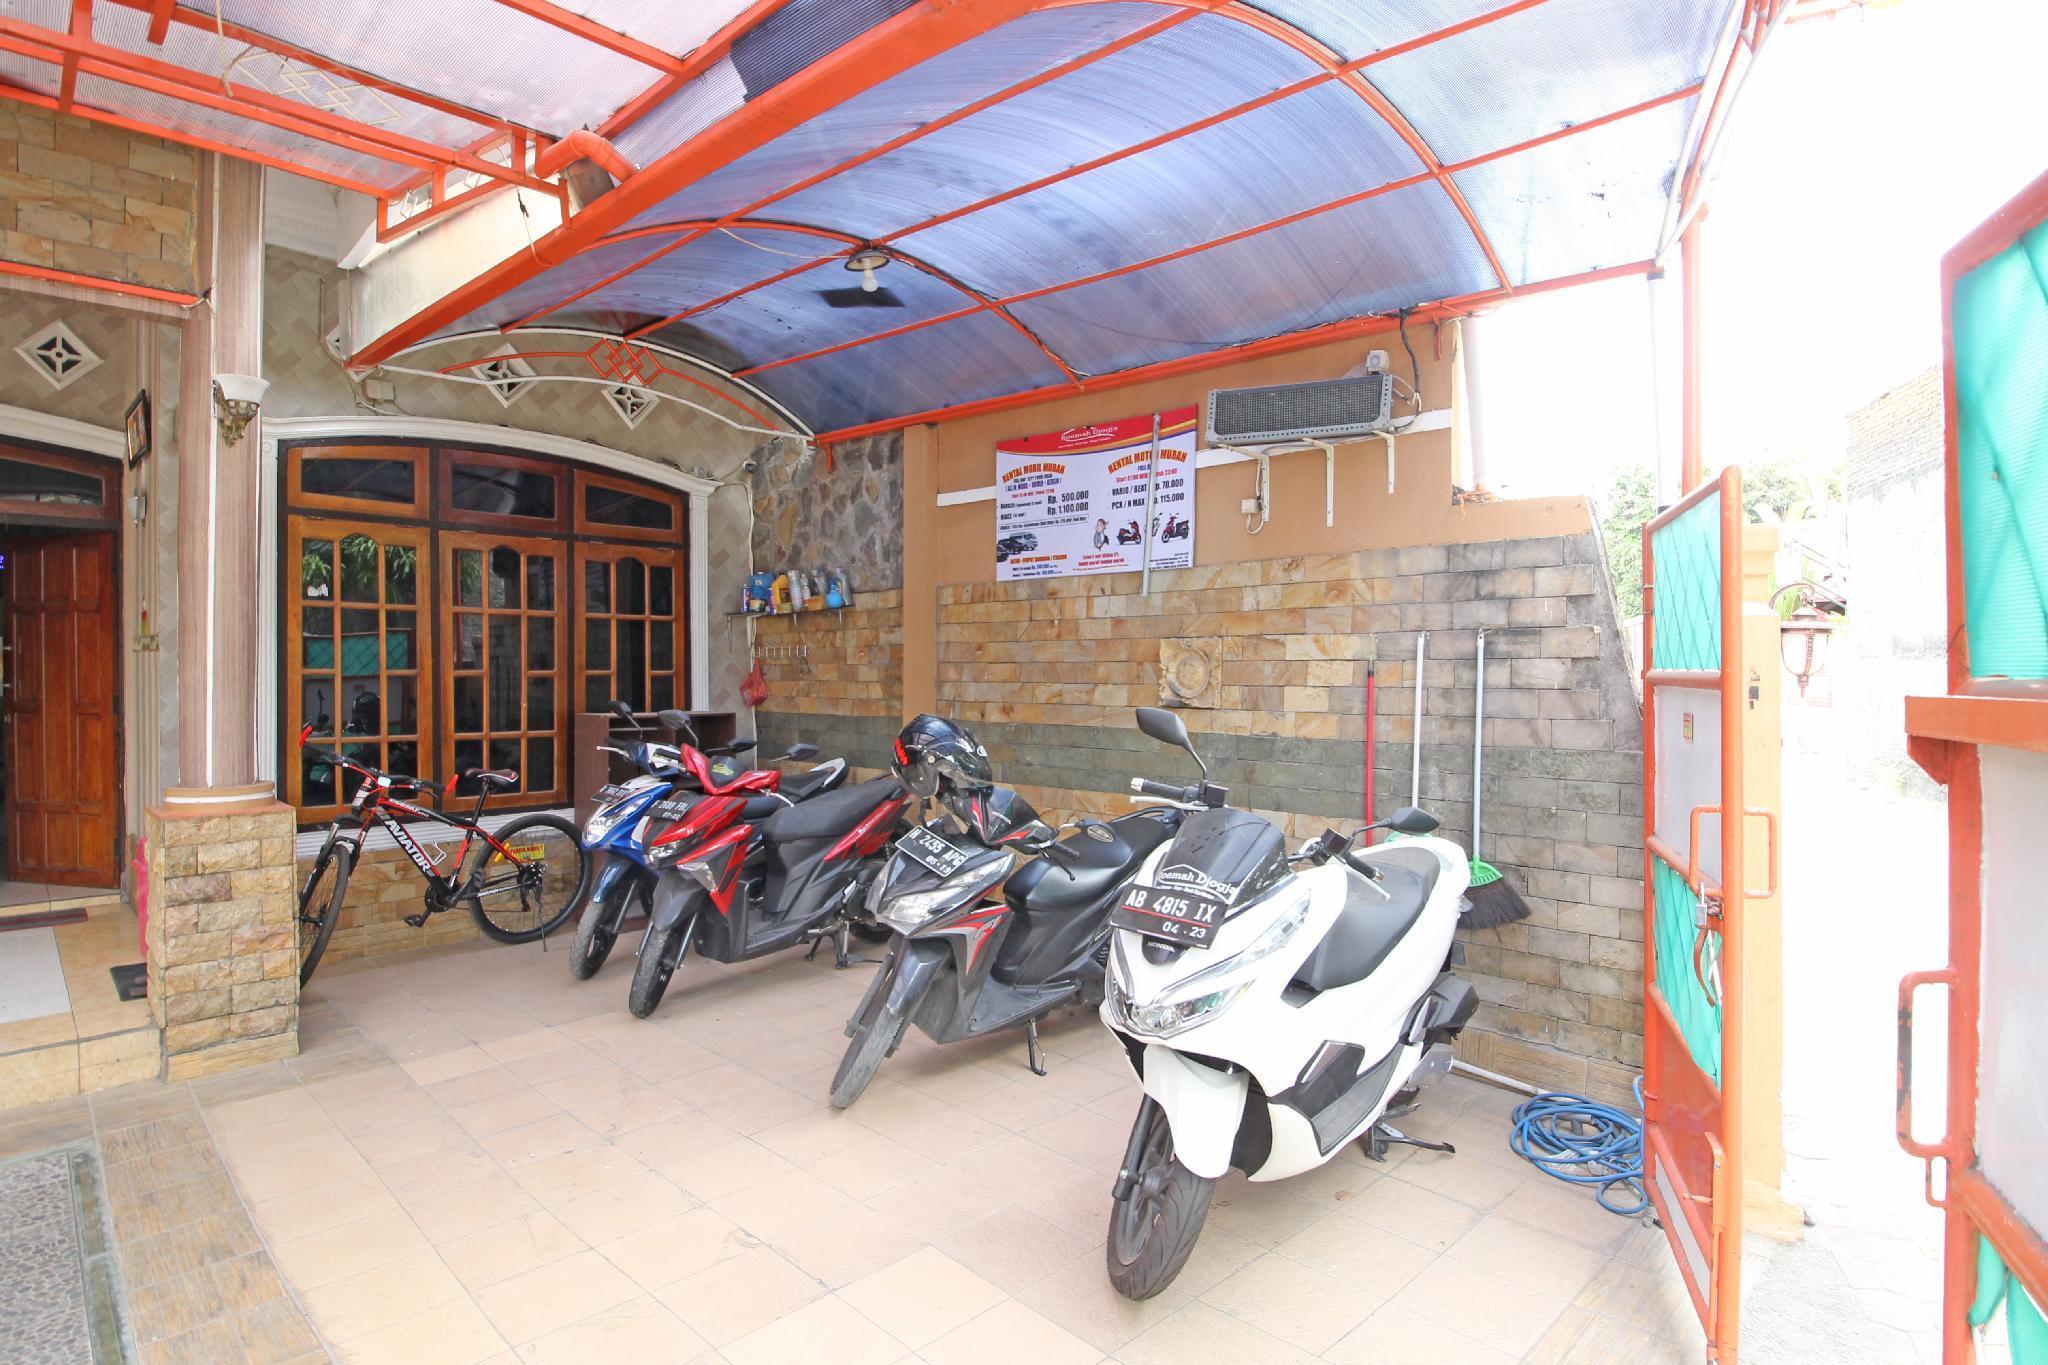 RedDoorz near Mall Ambarukmo Yogyakarta